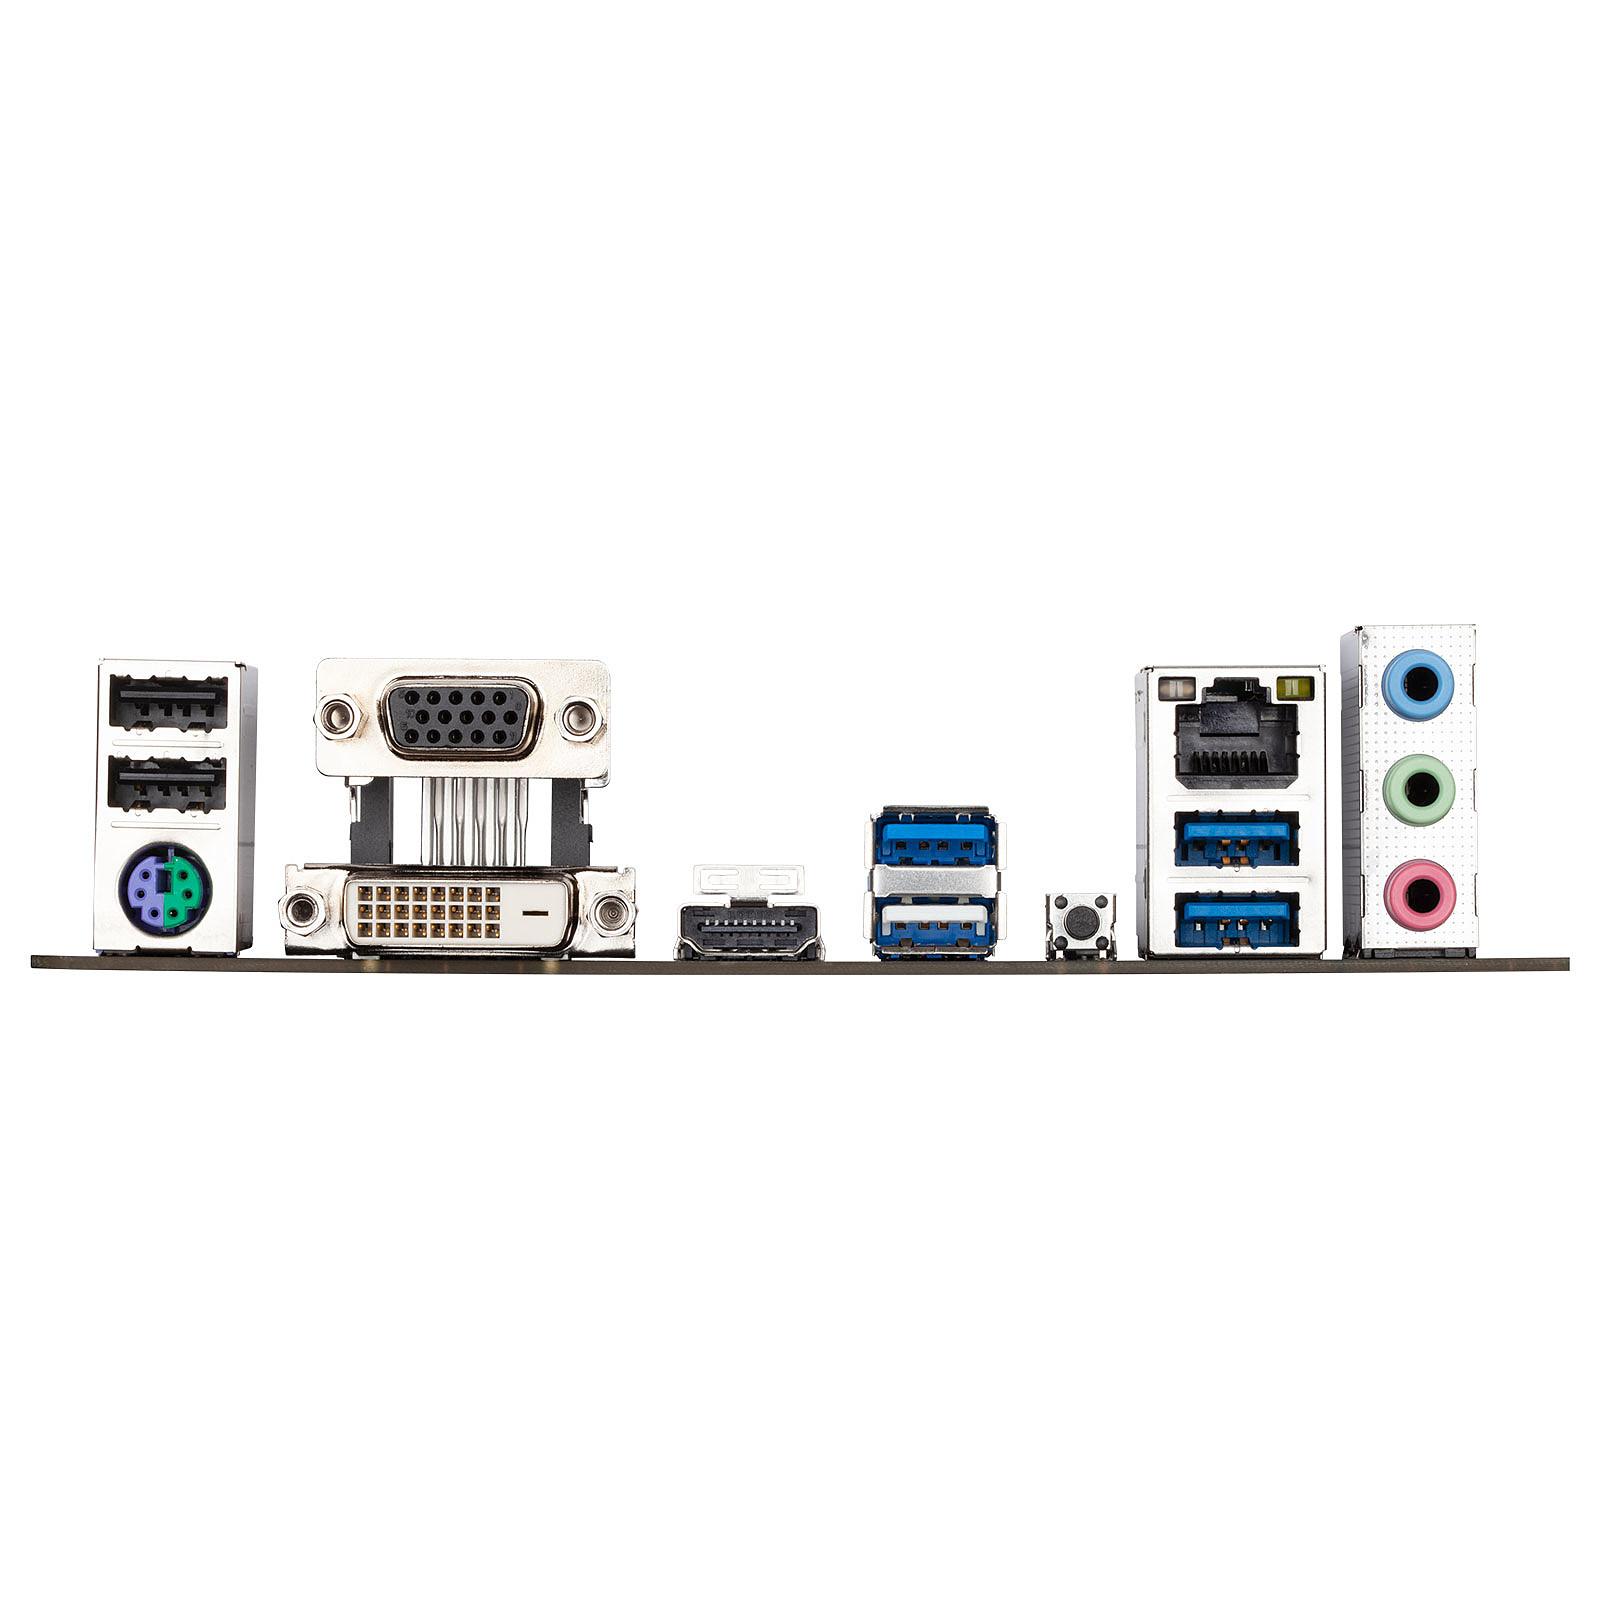 Carte mère Gigabyte B550M S2H Socket AM4 (AMD B550) mATX, informatique ile de la Réunion 974